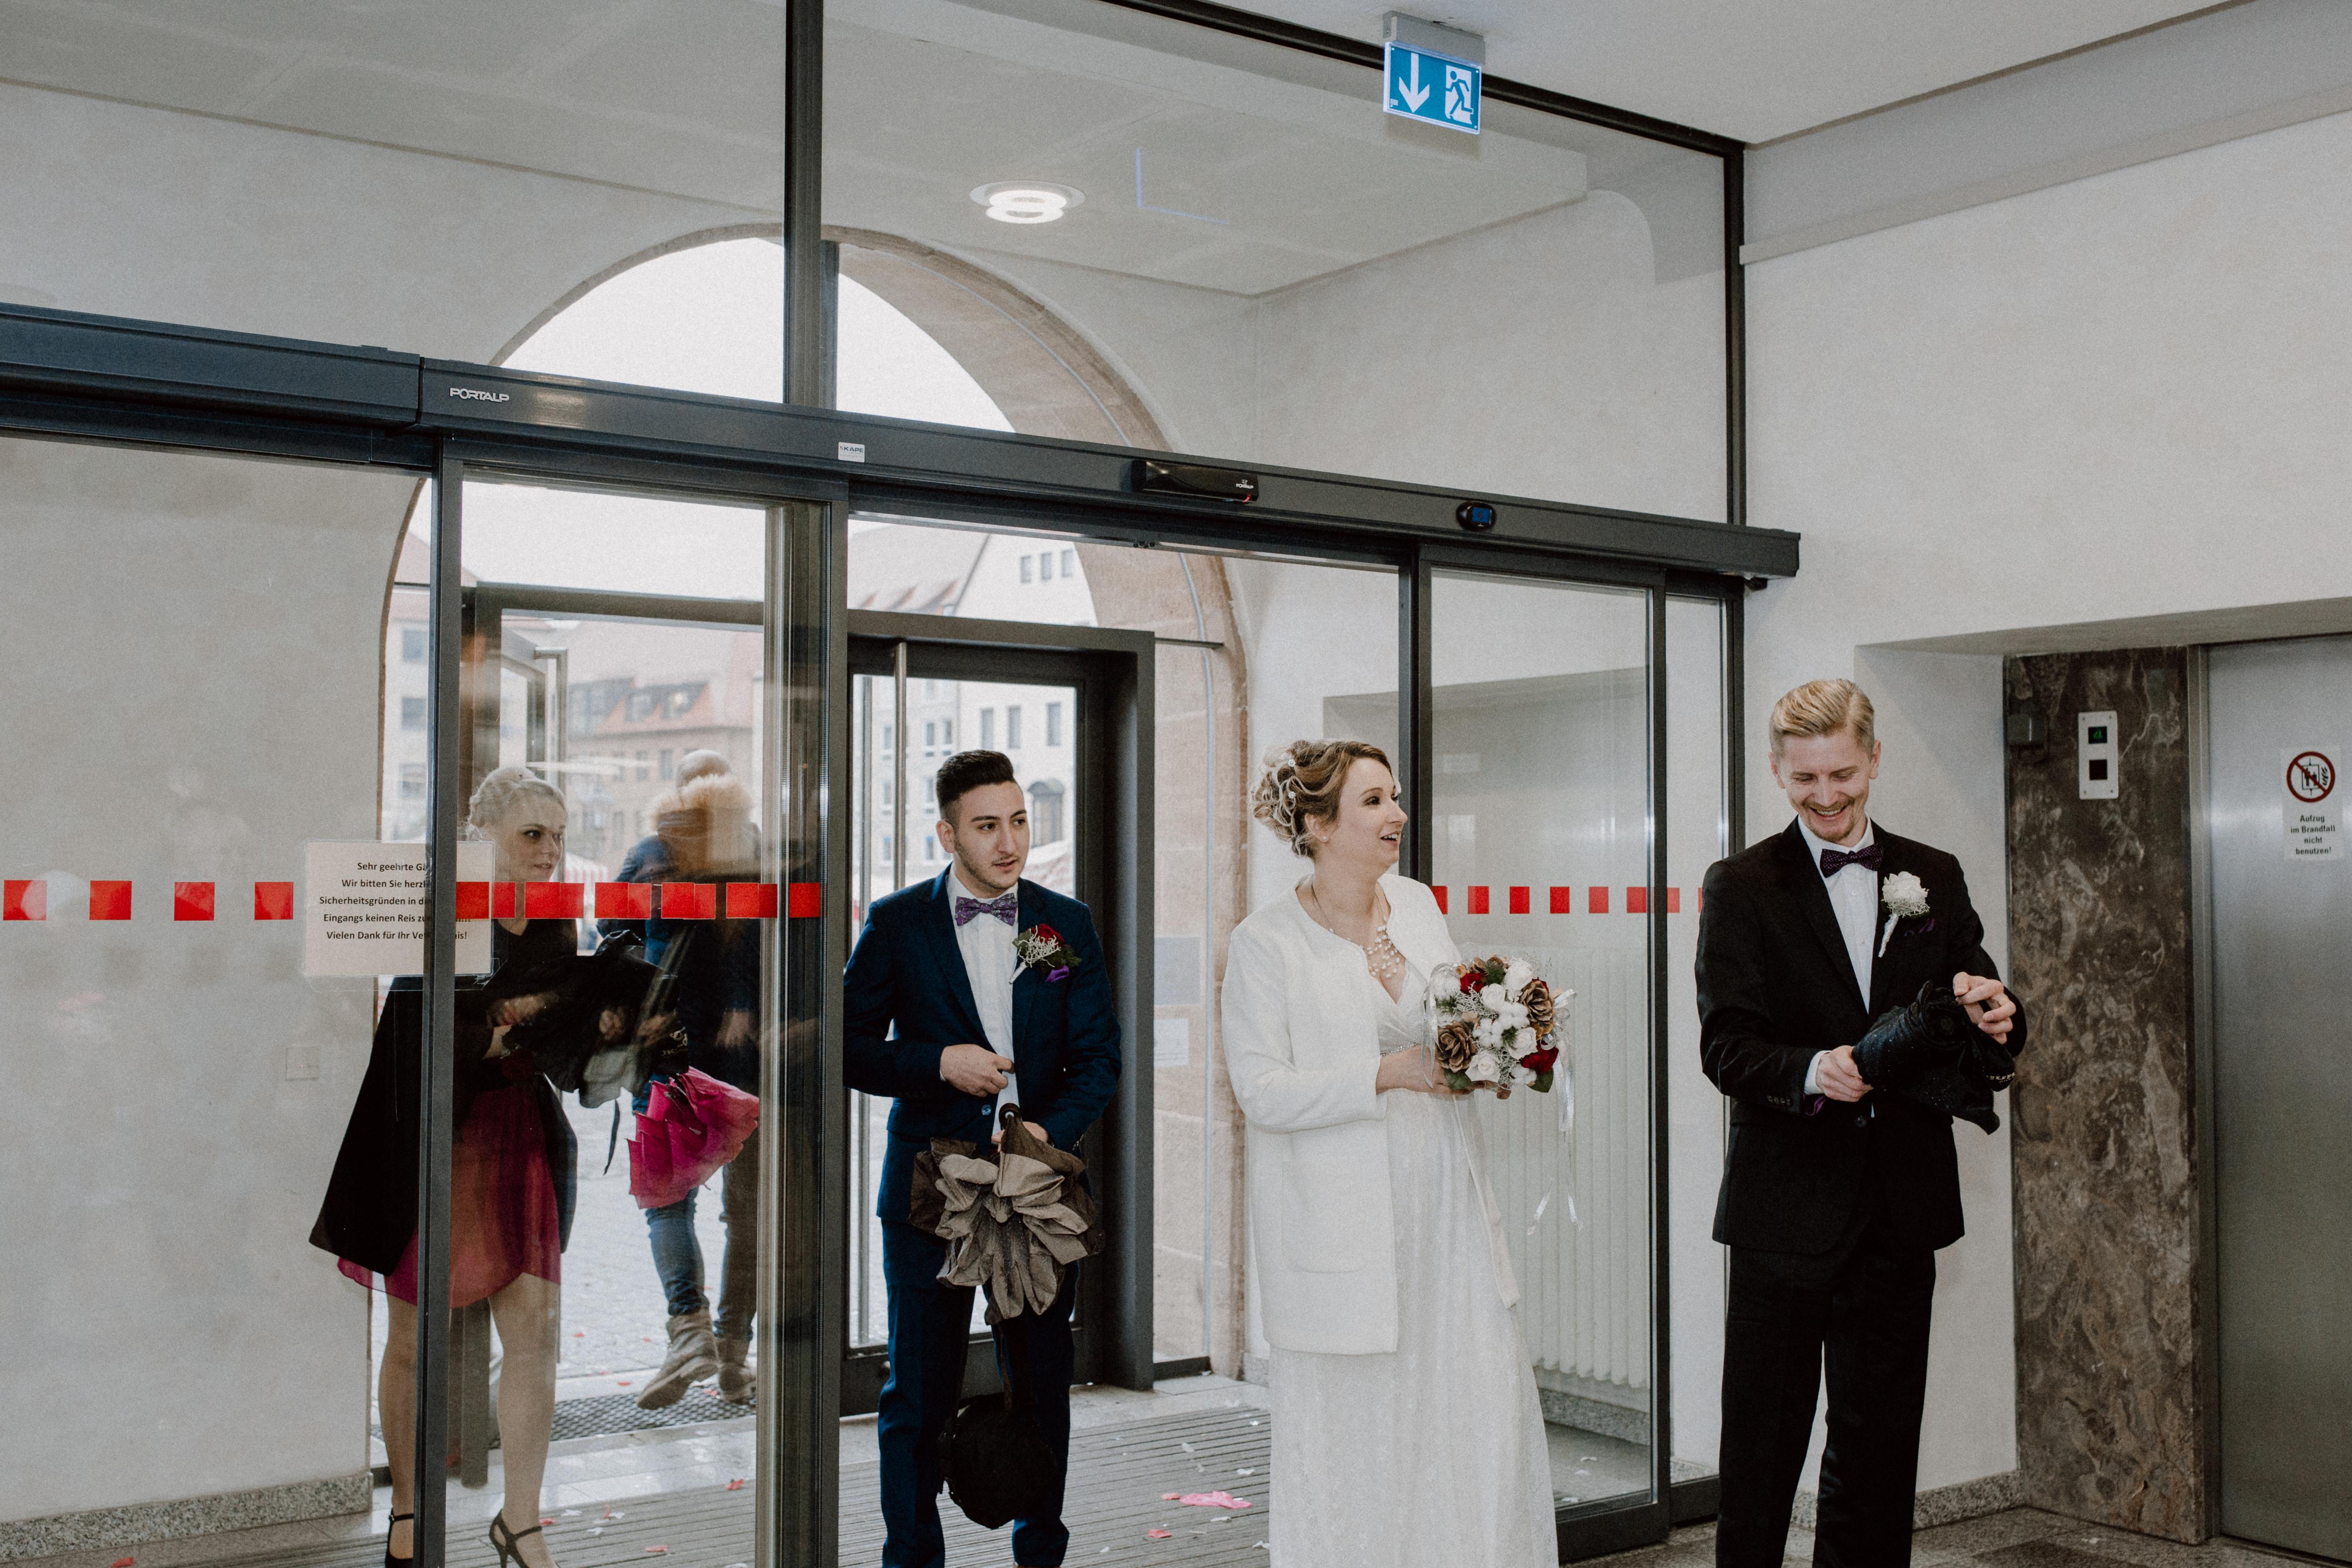 URBANERIE_Daniela_Goth_Hochzeitsfotografin_Nürnberg_Fürth_Erlangen_Schwabach_171110_0022